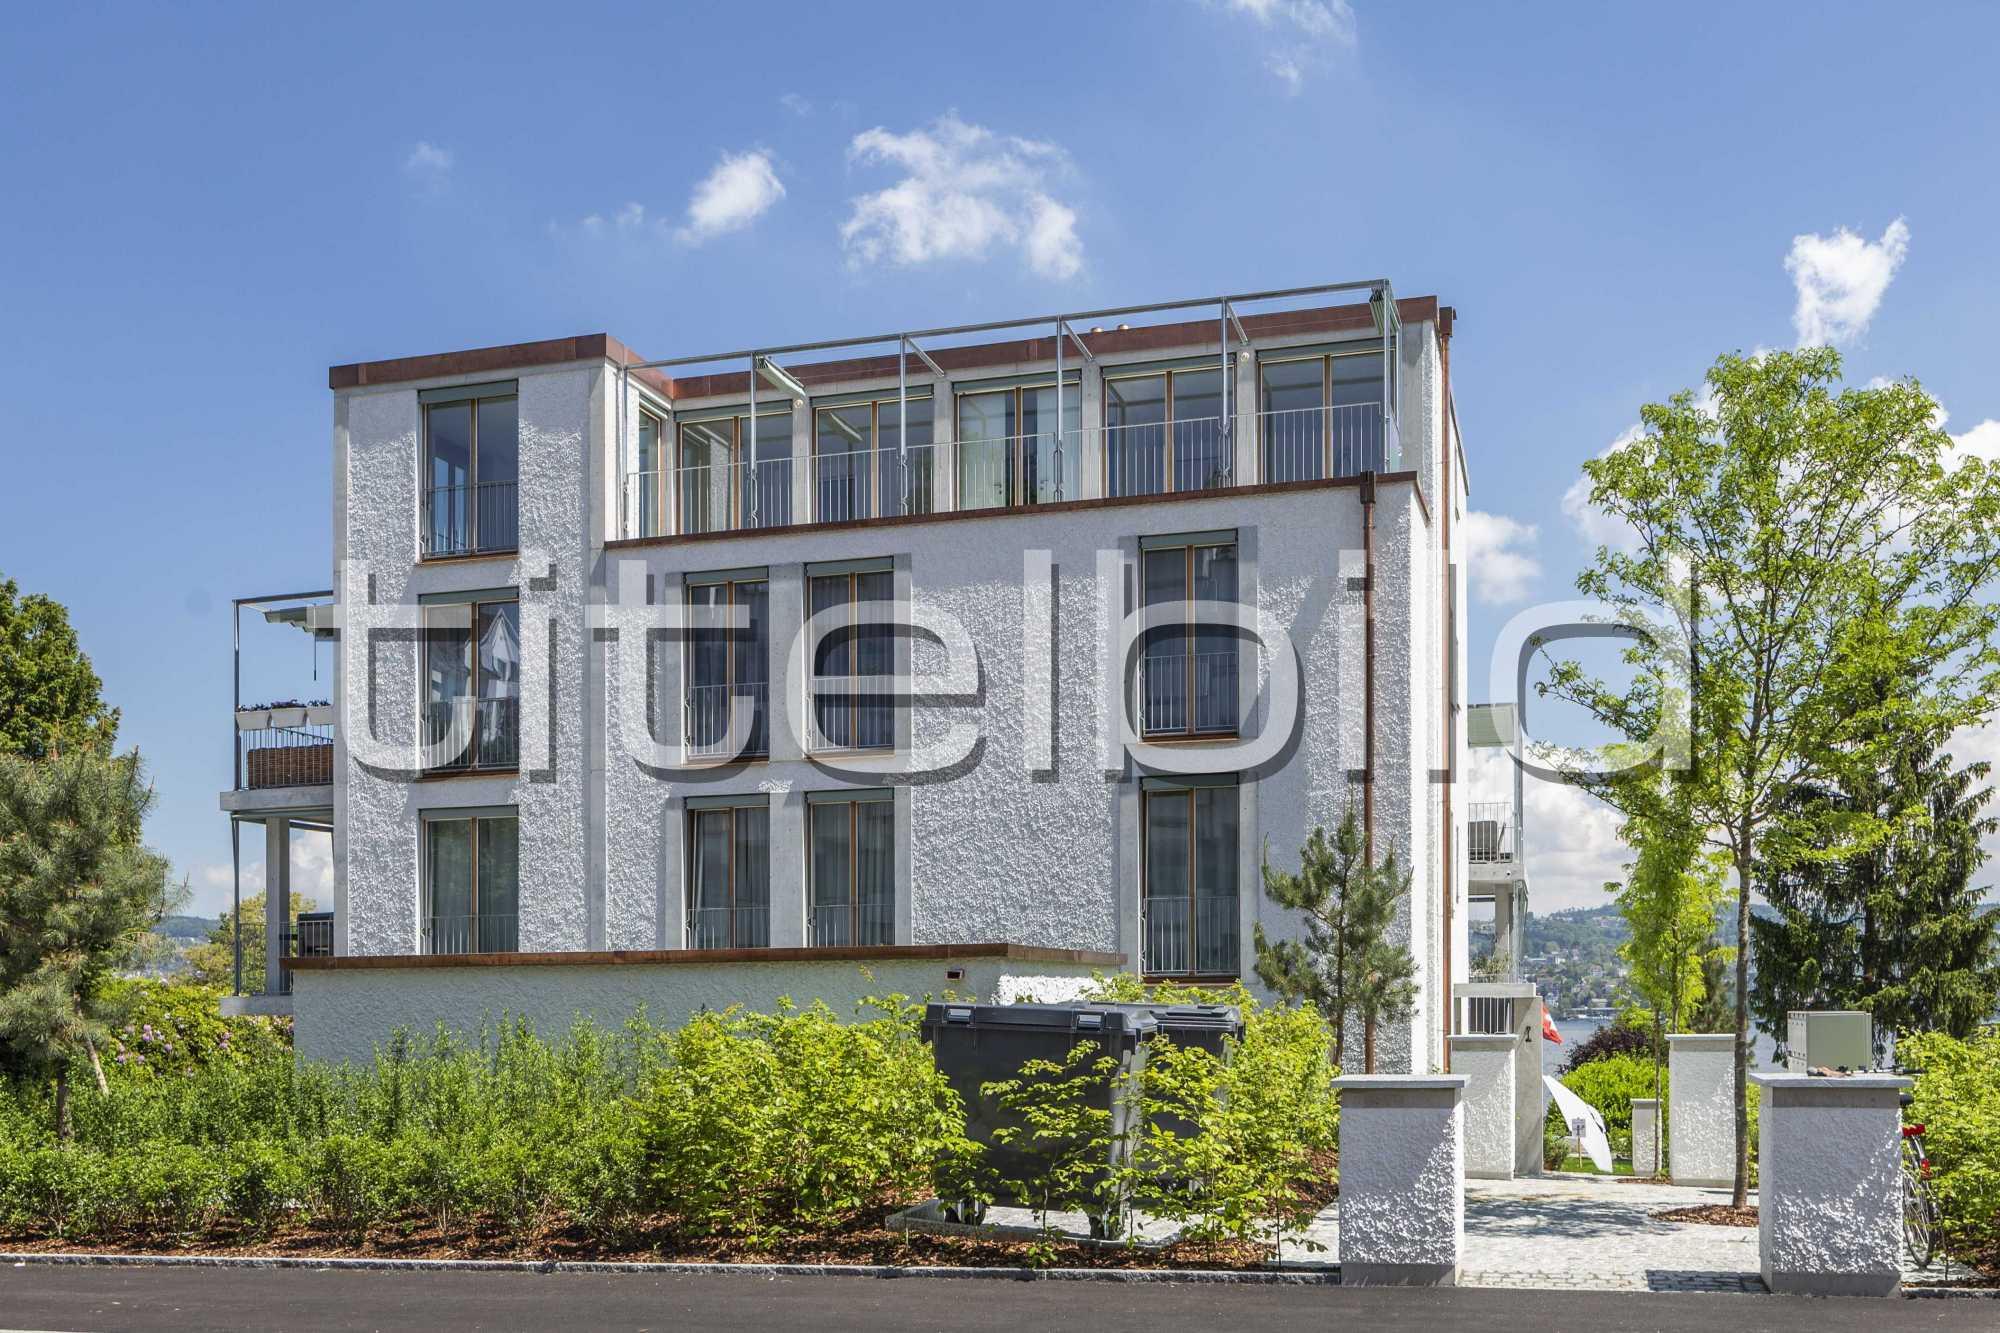 Projektbild-Nr. 3: Neubau mit 7 Mietwohnungen